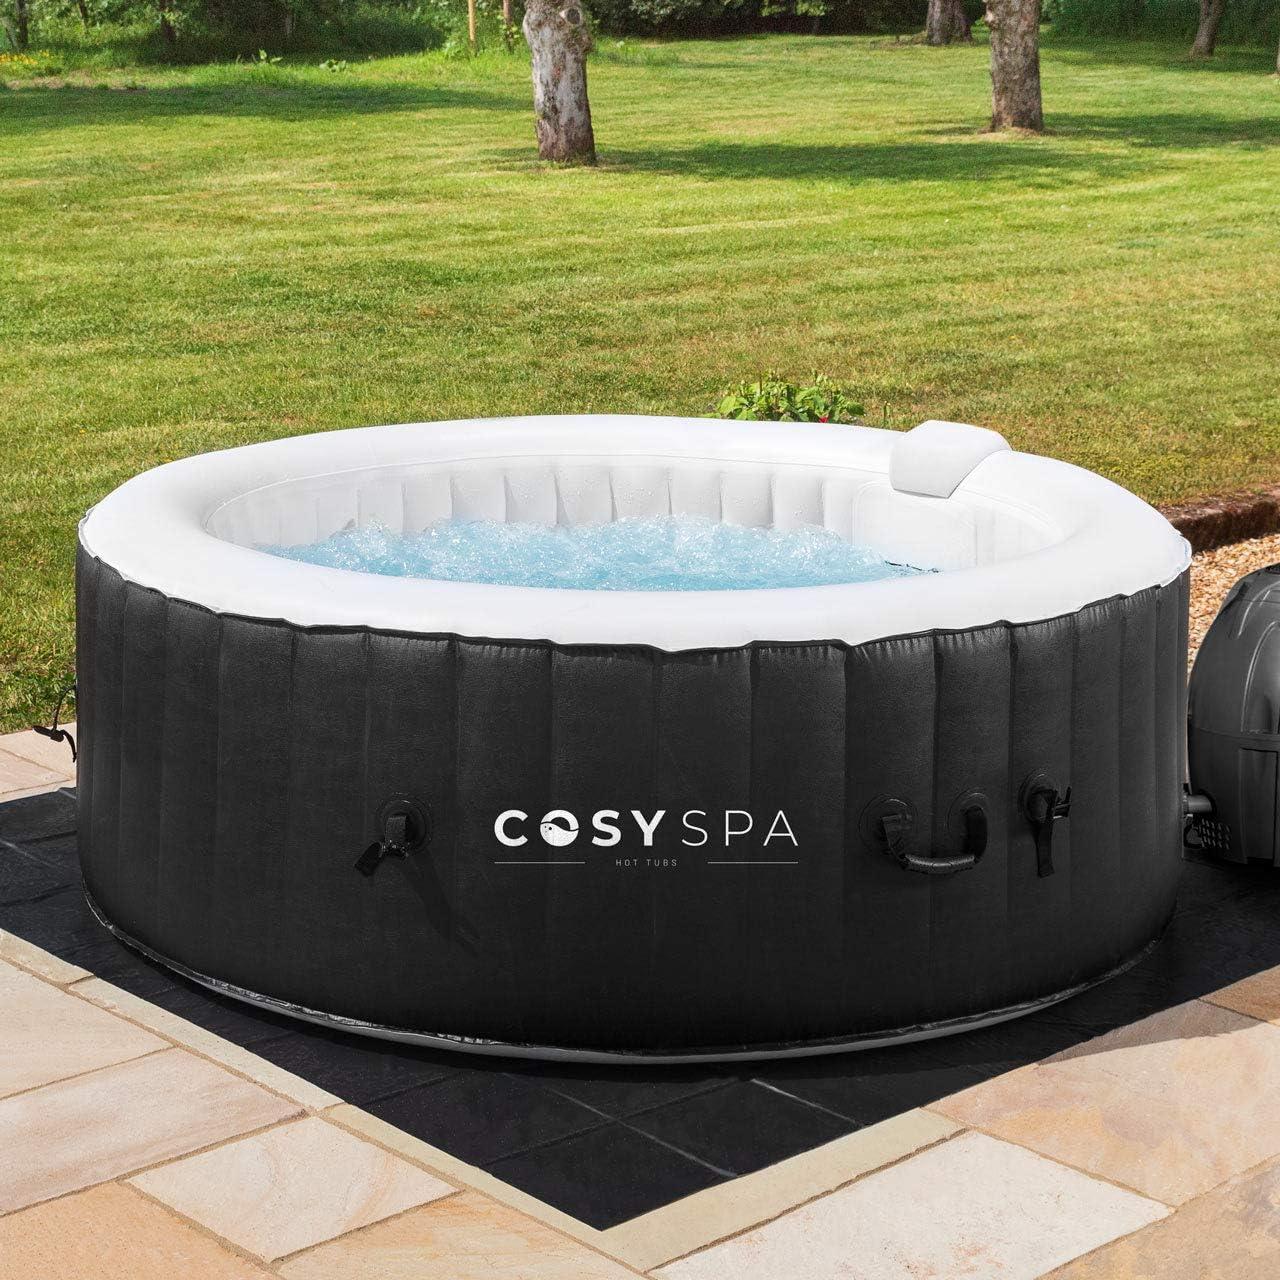 CosySpa tragbarer Whirlpool